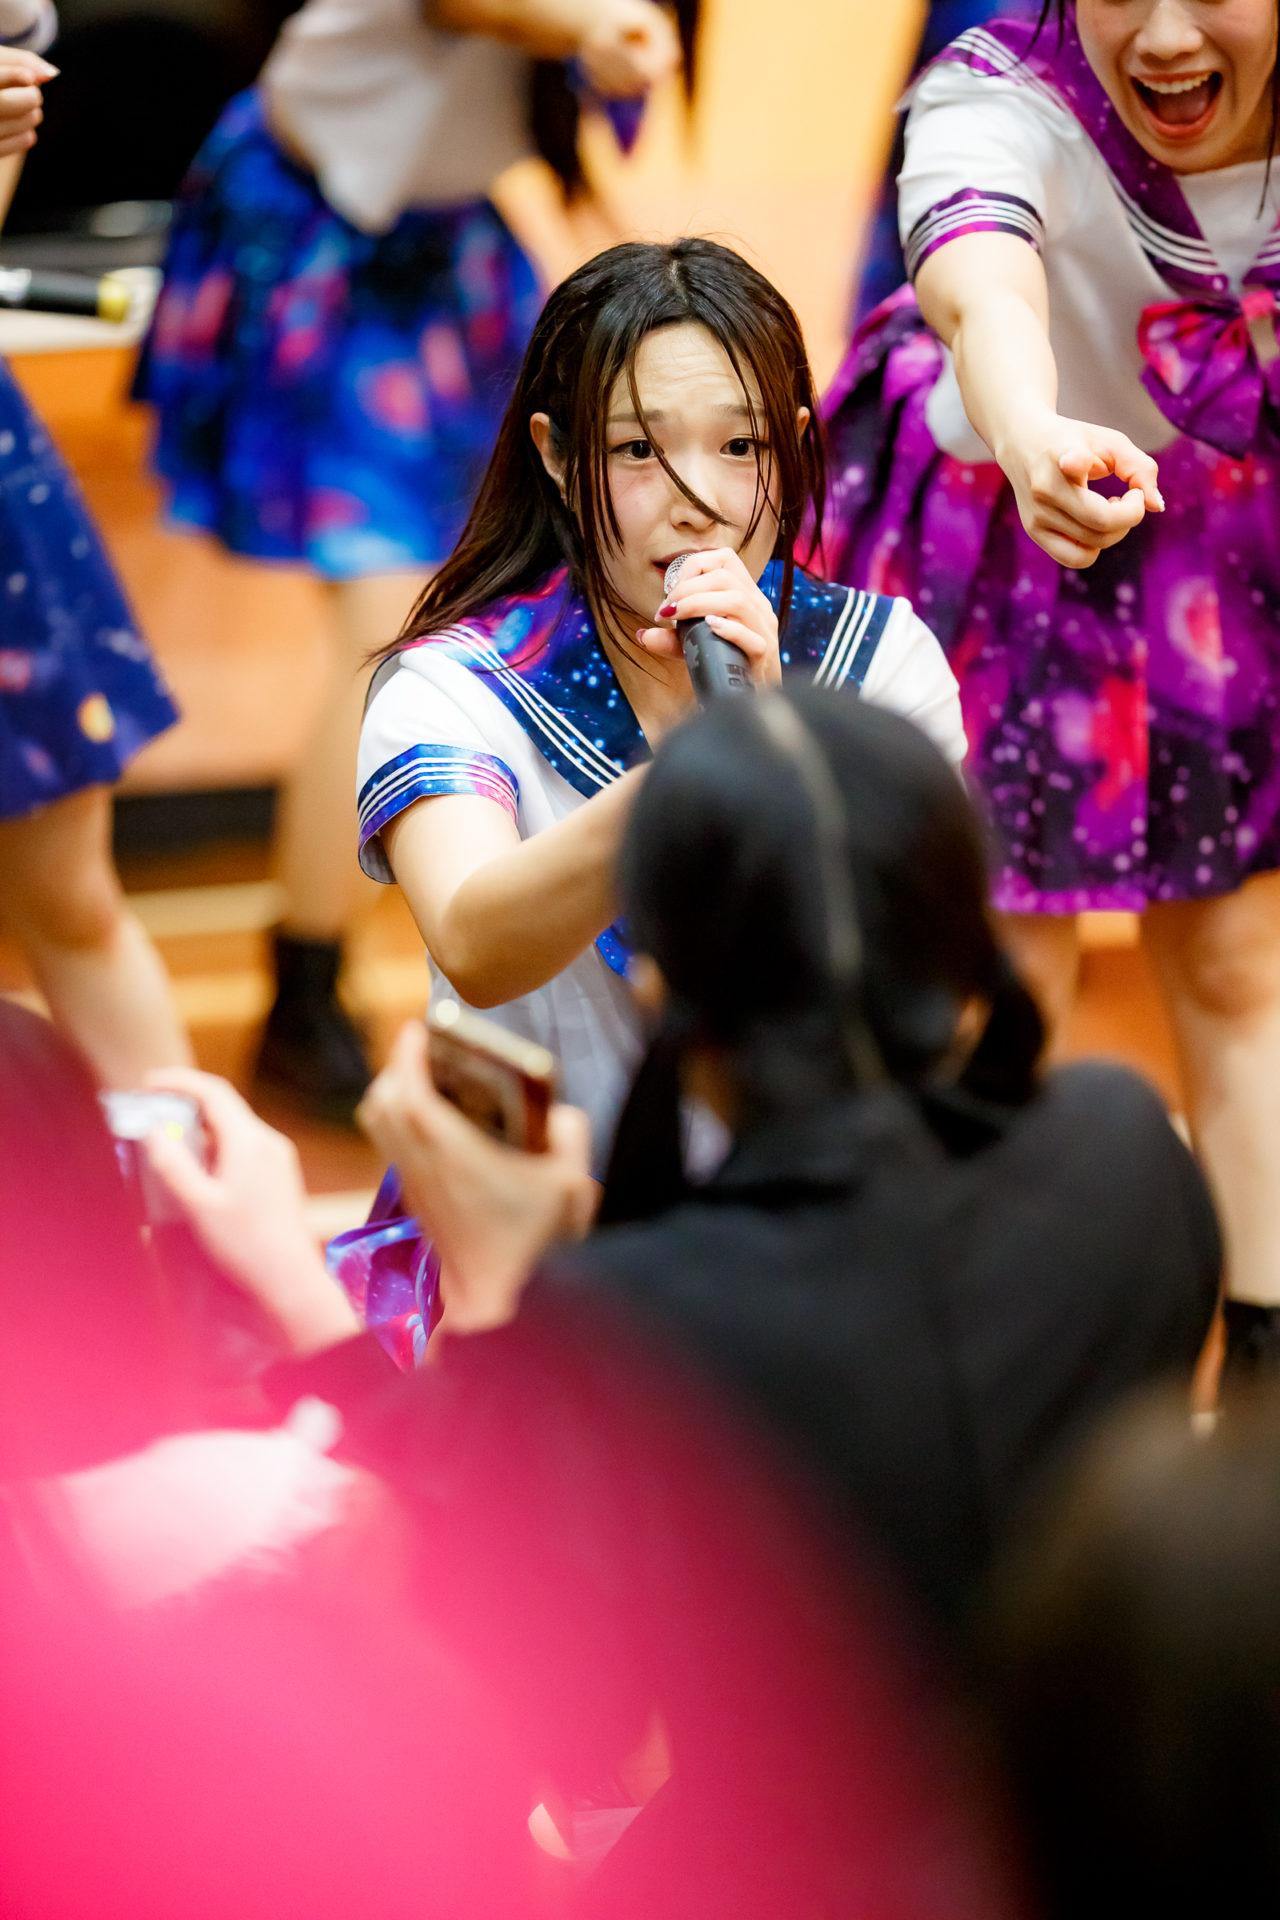 フルーティー♡ おばち ( 小原優花 ) | ディノスパーク×ライブプロマンスリーLIVE vol.1